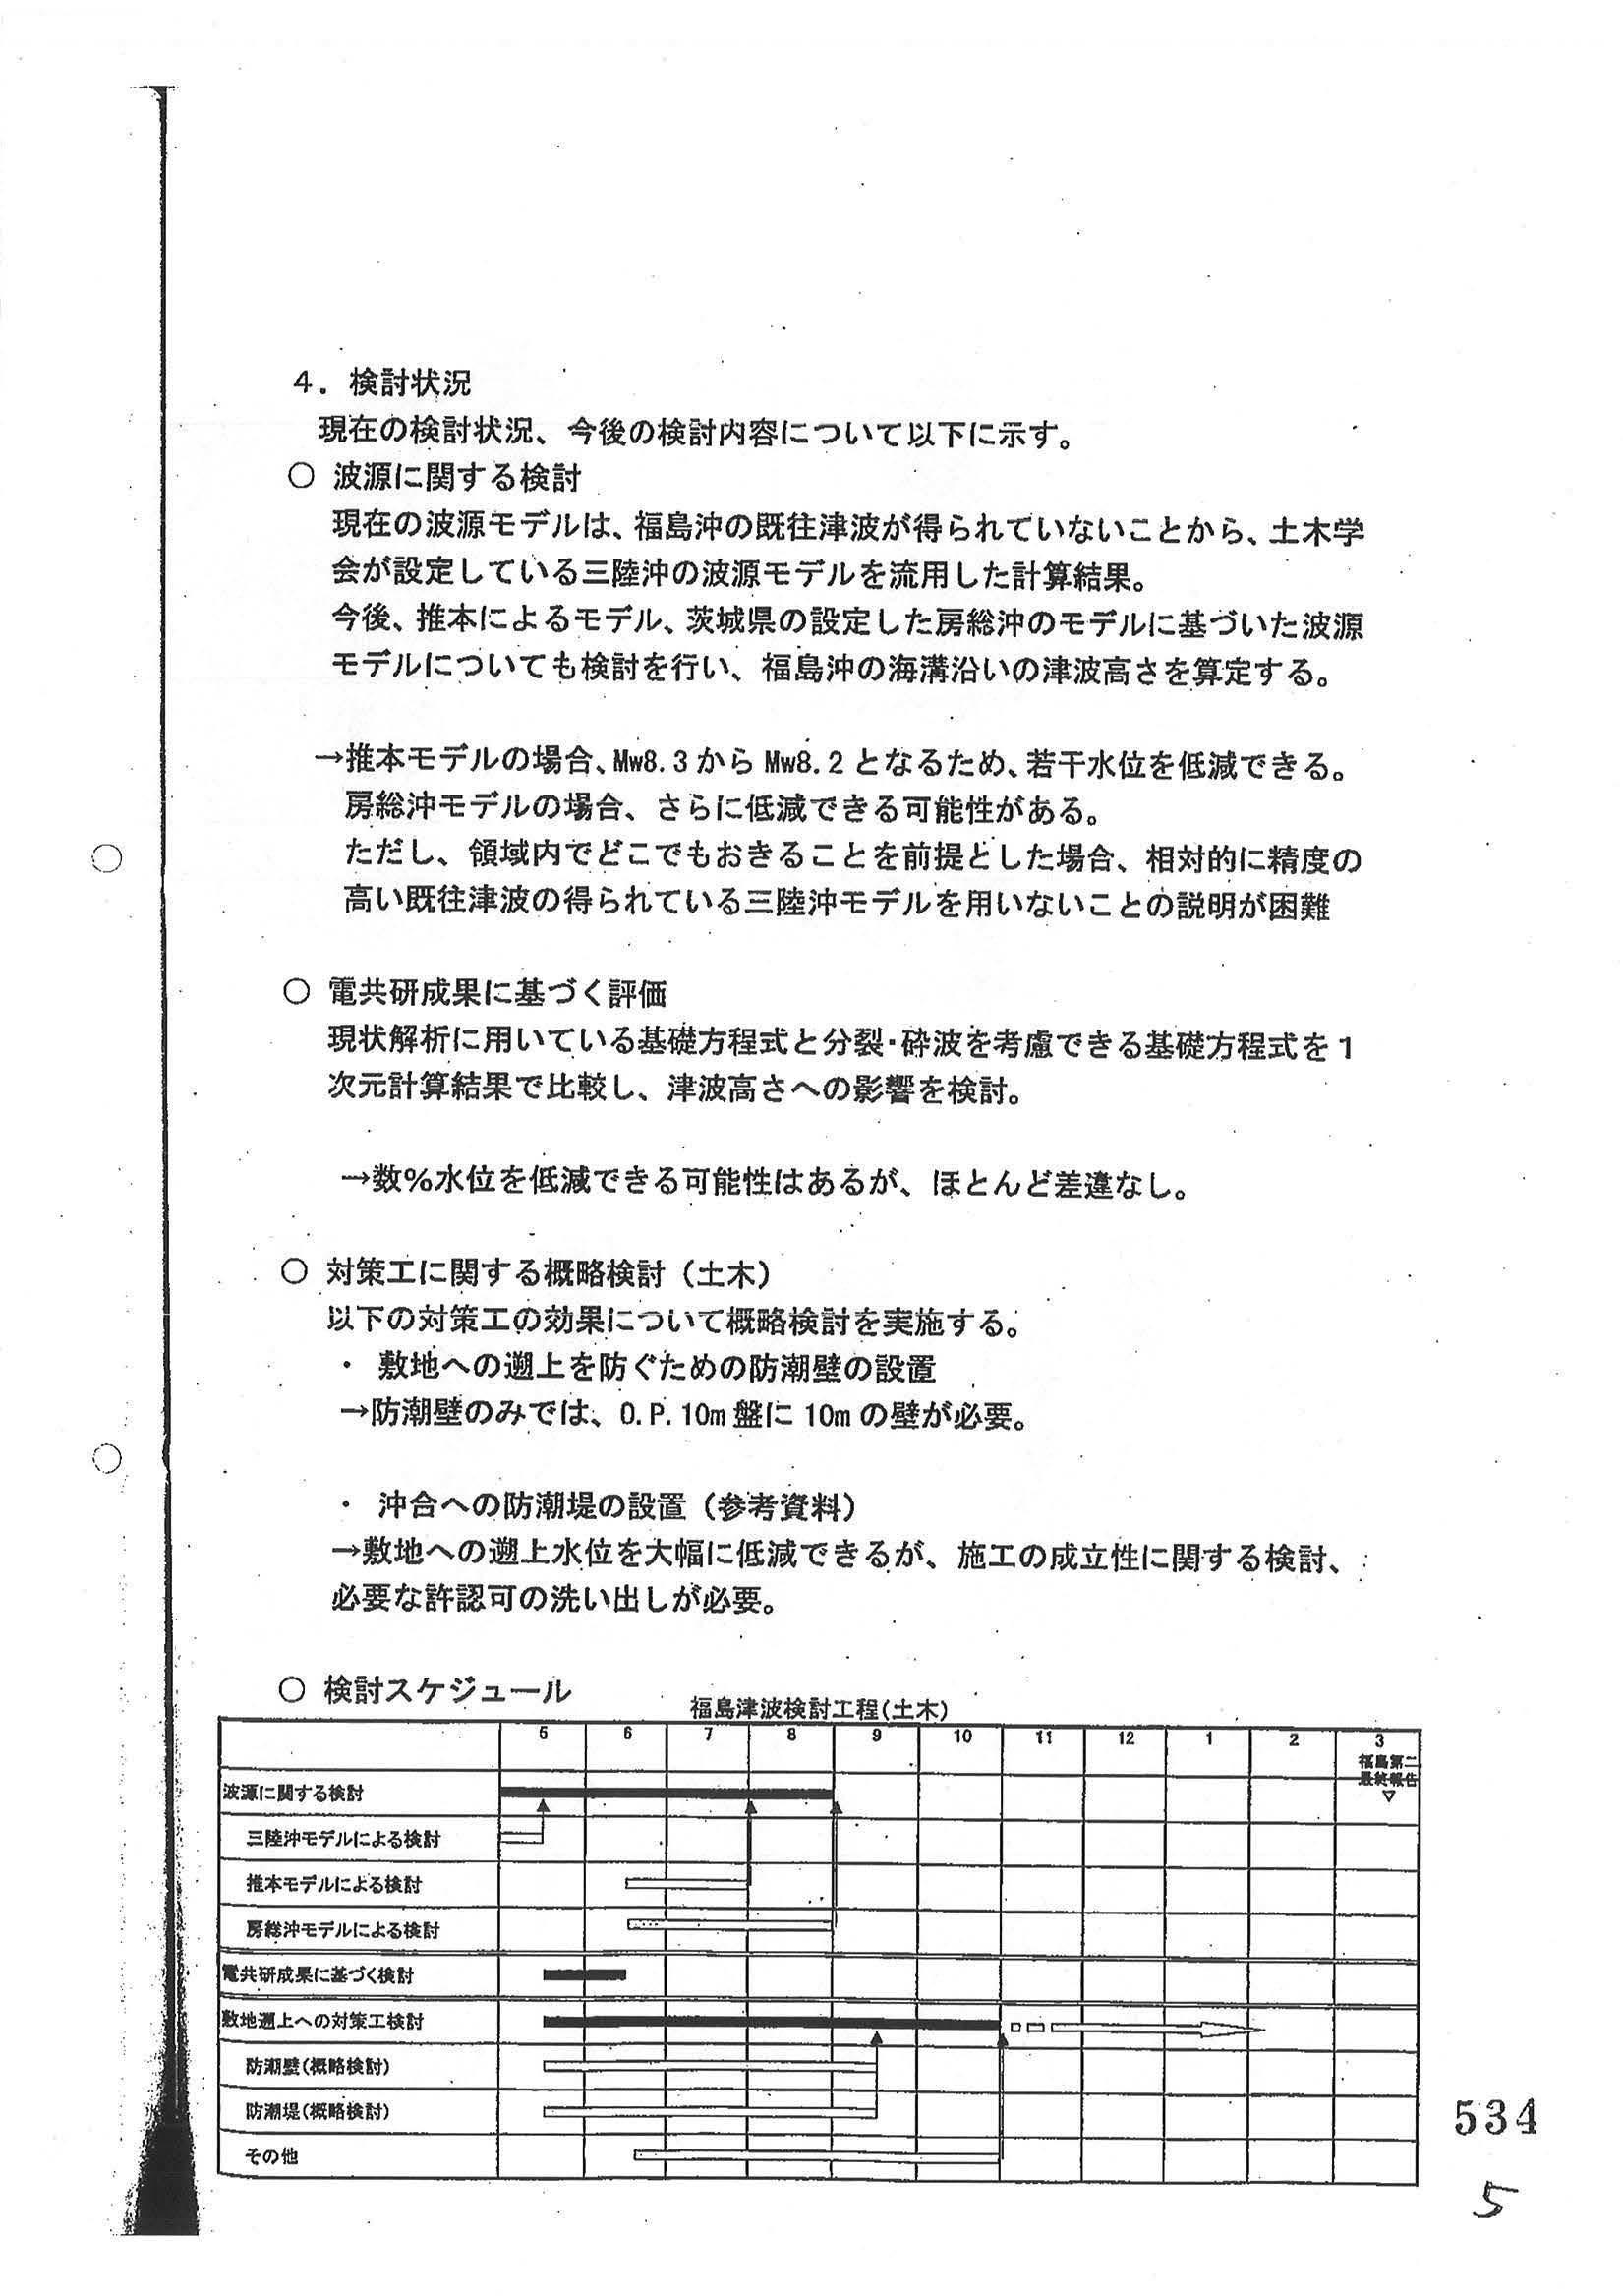 写真・図版 : 東京電力の土木グループが2008年6月10日の社内会議で同社の武藤栄常務らに示した文書=避難者が国や東電を相手に大阪地裁で起こした訴訟の丙B第268号証の4として原子力規制委員会が情報公開法に基づき2020年2月に記者に開示